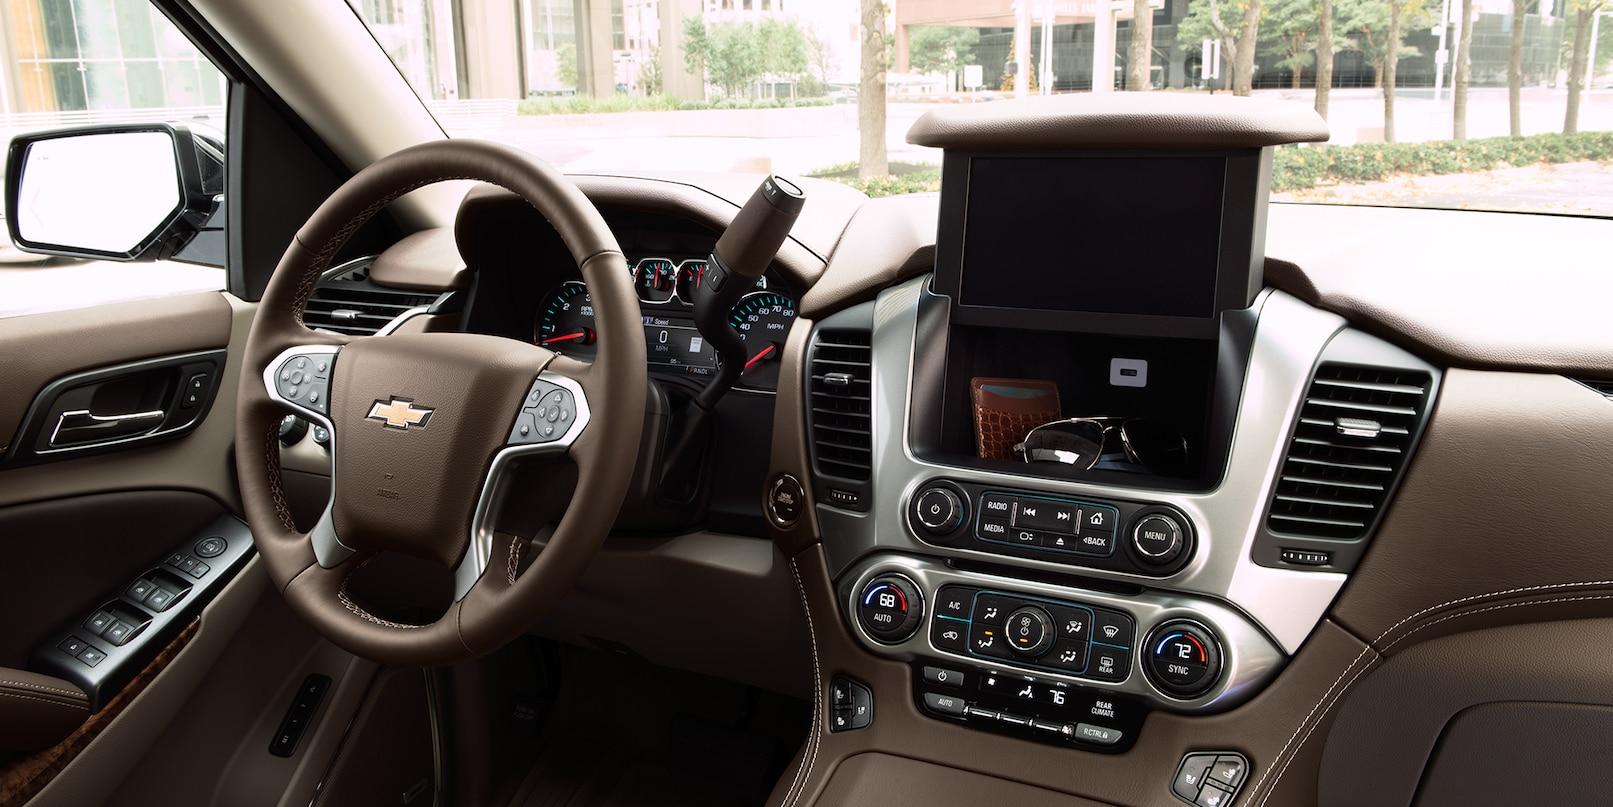 Plenty of Technology Inside the Chevrolet Suburban!